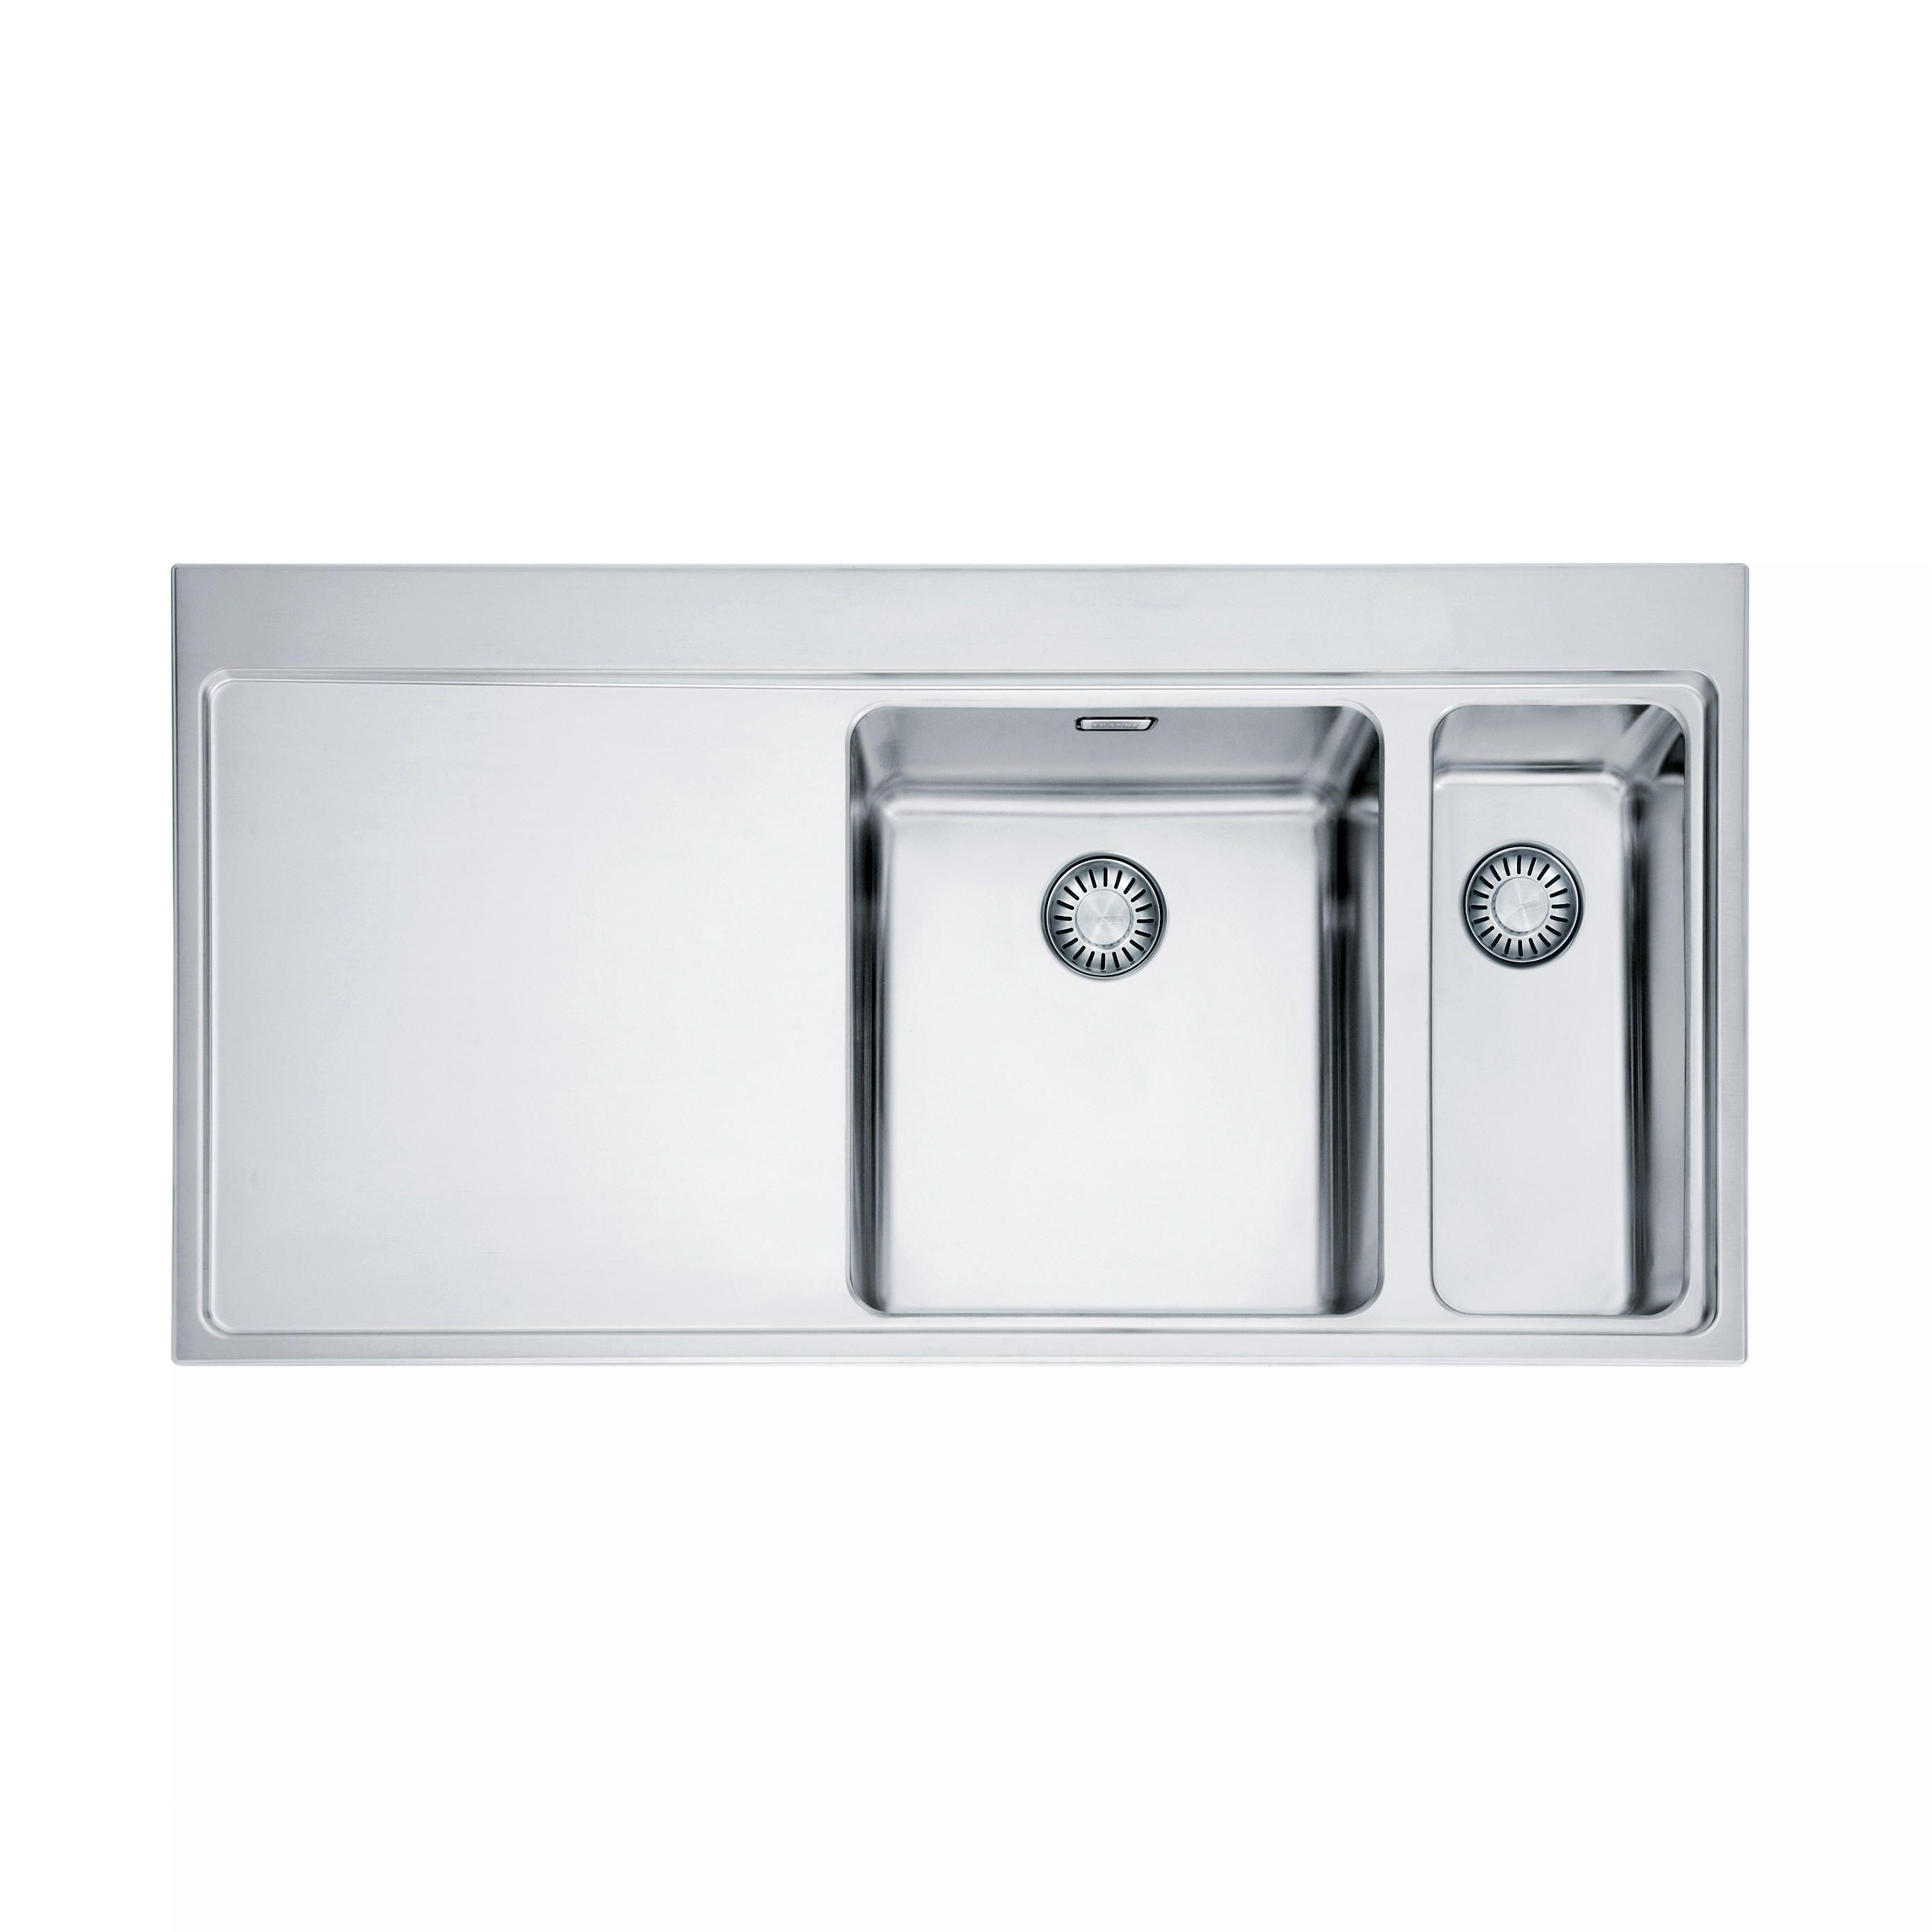 MYTHOS SPÜLE MMX 261 EDELSTAHL - Designer Küchenspülbecken von ...